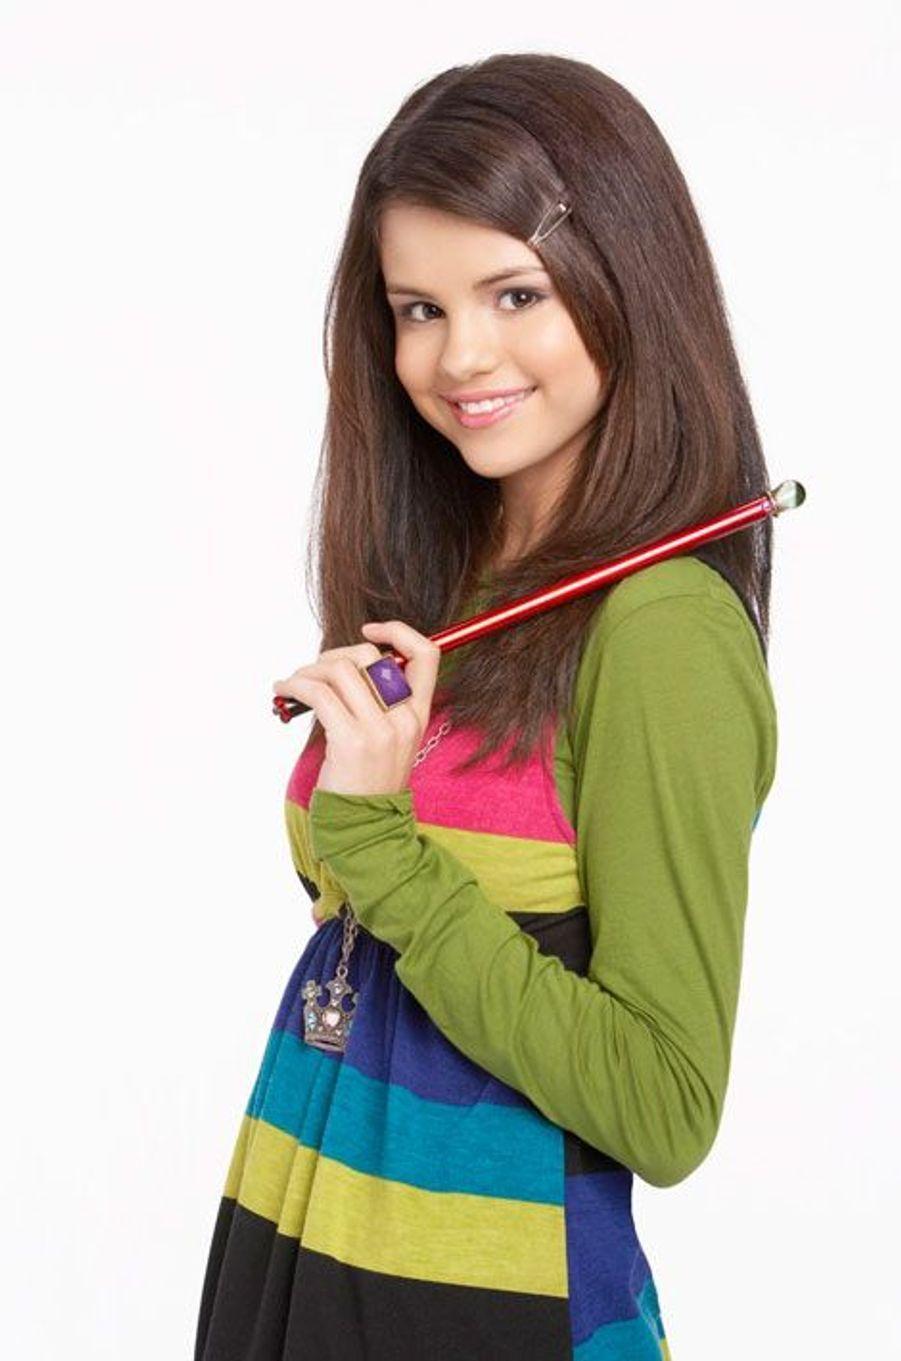 """Selena Gomez a vu sa carrière décoller dans la série """"Les sorciers de Waverly Place"""" diffusé sur Disney Channel"""